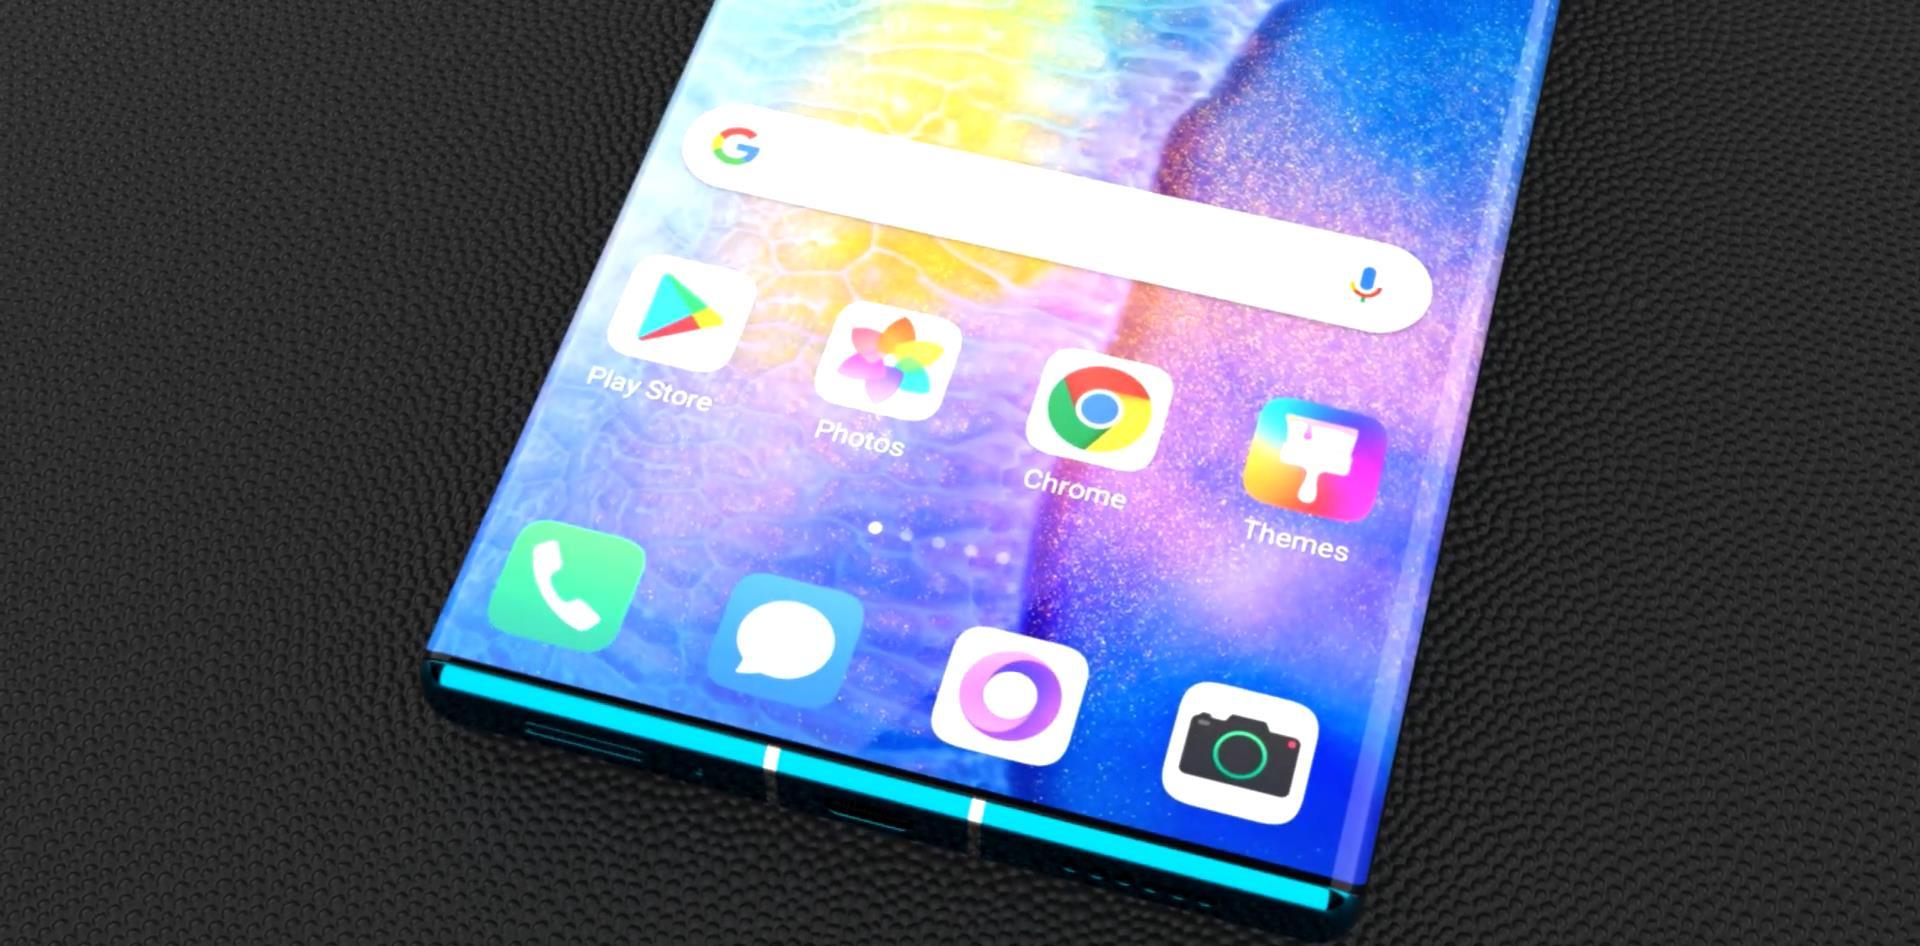 华为亮5G王牌:麒麟9000+鸿蒙OS+石墨烯电池,这才是真全面屏手机